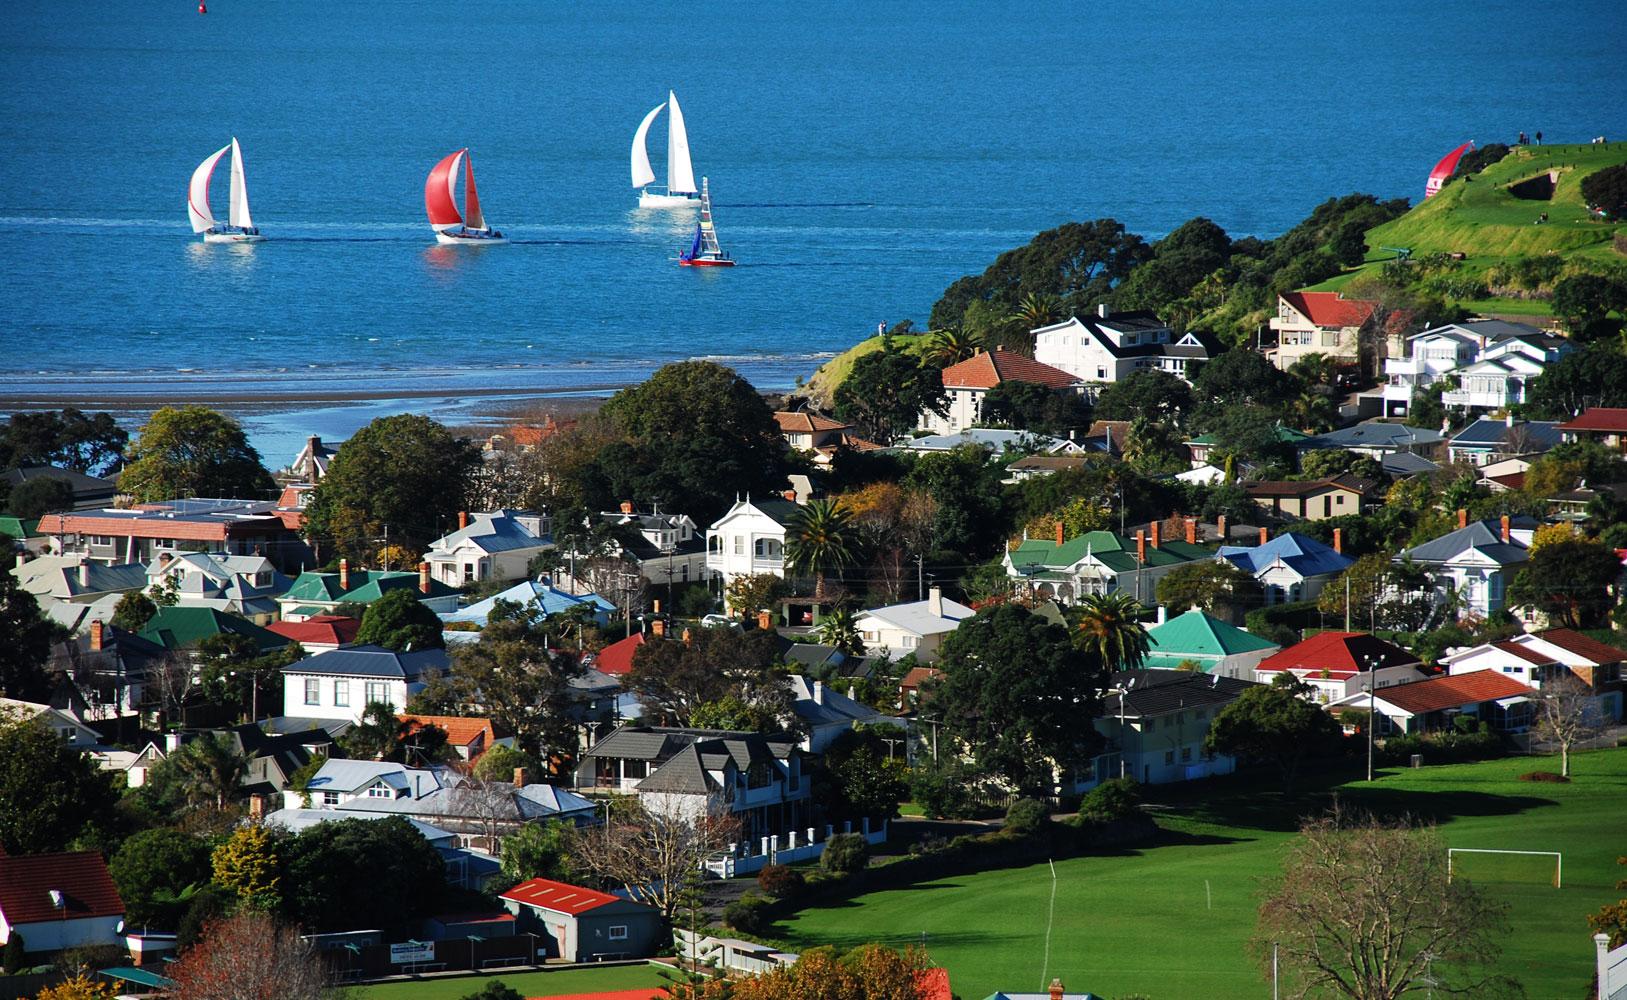 Sailing at Cheltenham, Beach, Blue, Boats, Devonport, HQ Photo